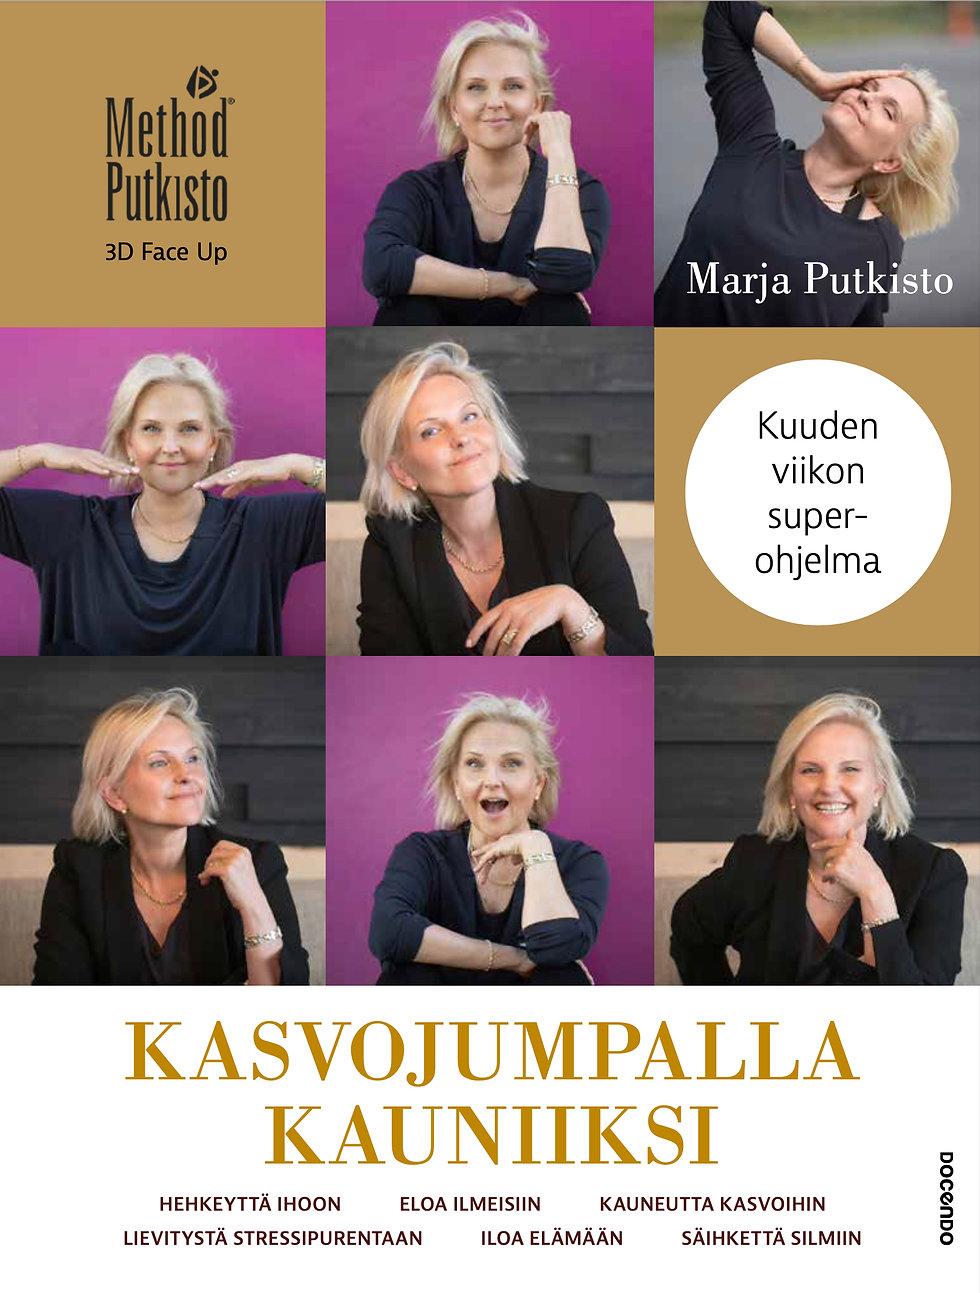 Marjan UUSI kirja Kasvojumpalla kauniiksi 6 viikon super-ohjelma